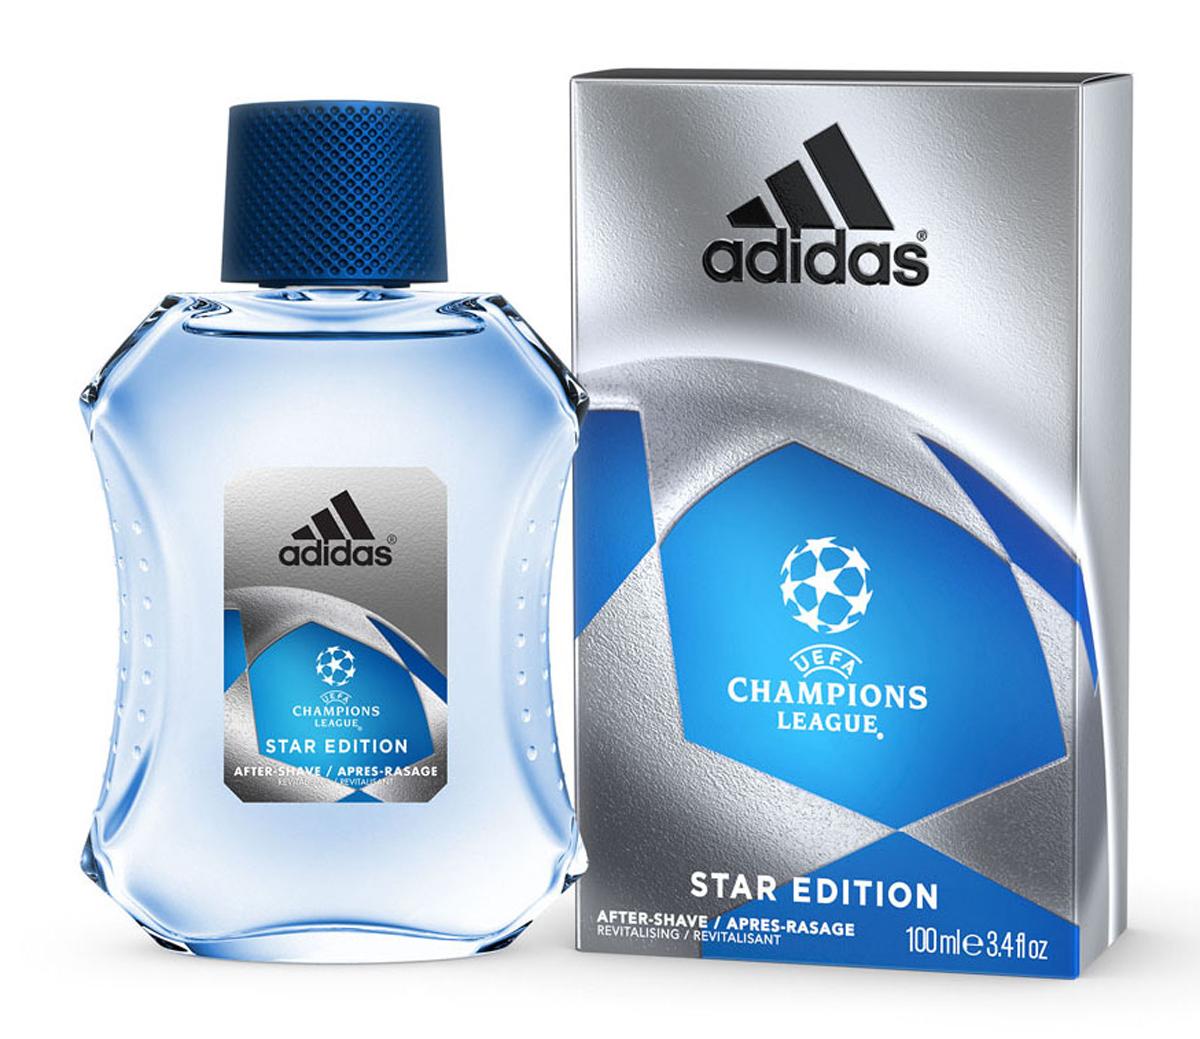 Adidas Лосьон после бритья UEFA II Champions League Star EdItion, 100 мл1301210Лосьон после бритья Adidas UEFA Champions League Star Edition содержит формулу со специальным комплексом skin protect complex, который защищает кожу, уменьшает раздражение, заряжает энергией. Основные компоненты комплекса: - аллантоин увлажняет и успокаивает кожу, заживляет мелкие порезы; - витамины защищают кожу от антиоксидантов; - минеральные соли заряжают энергией и тонизируют; - спирт обладает антибактериальным действием; - UF фильтры защищают кожу от ультра фиолетовых лучей.